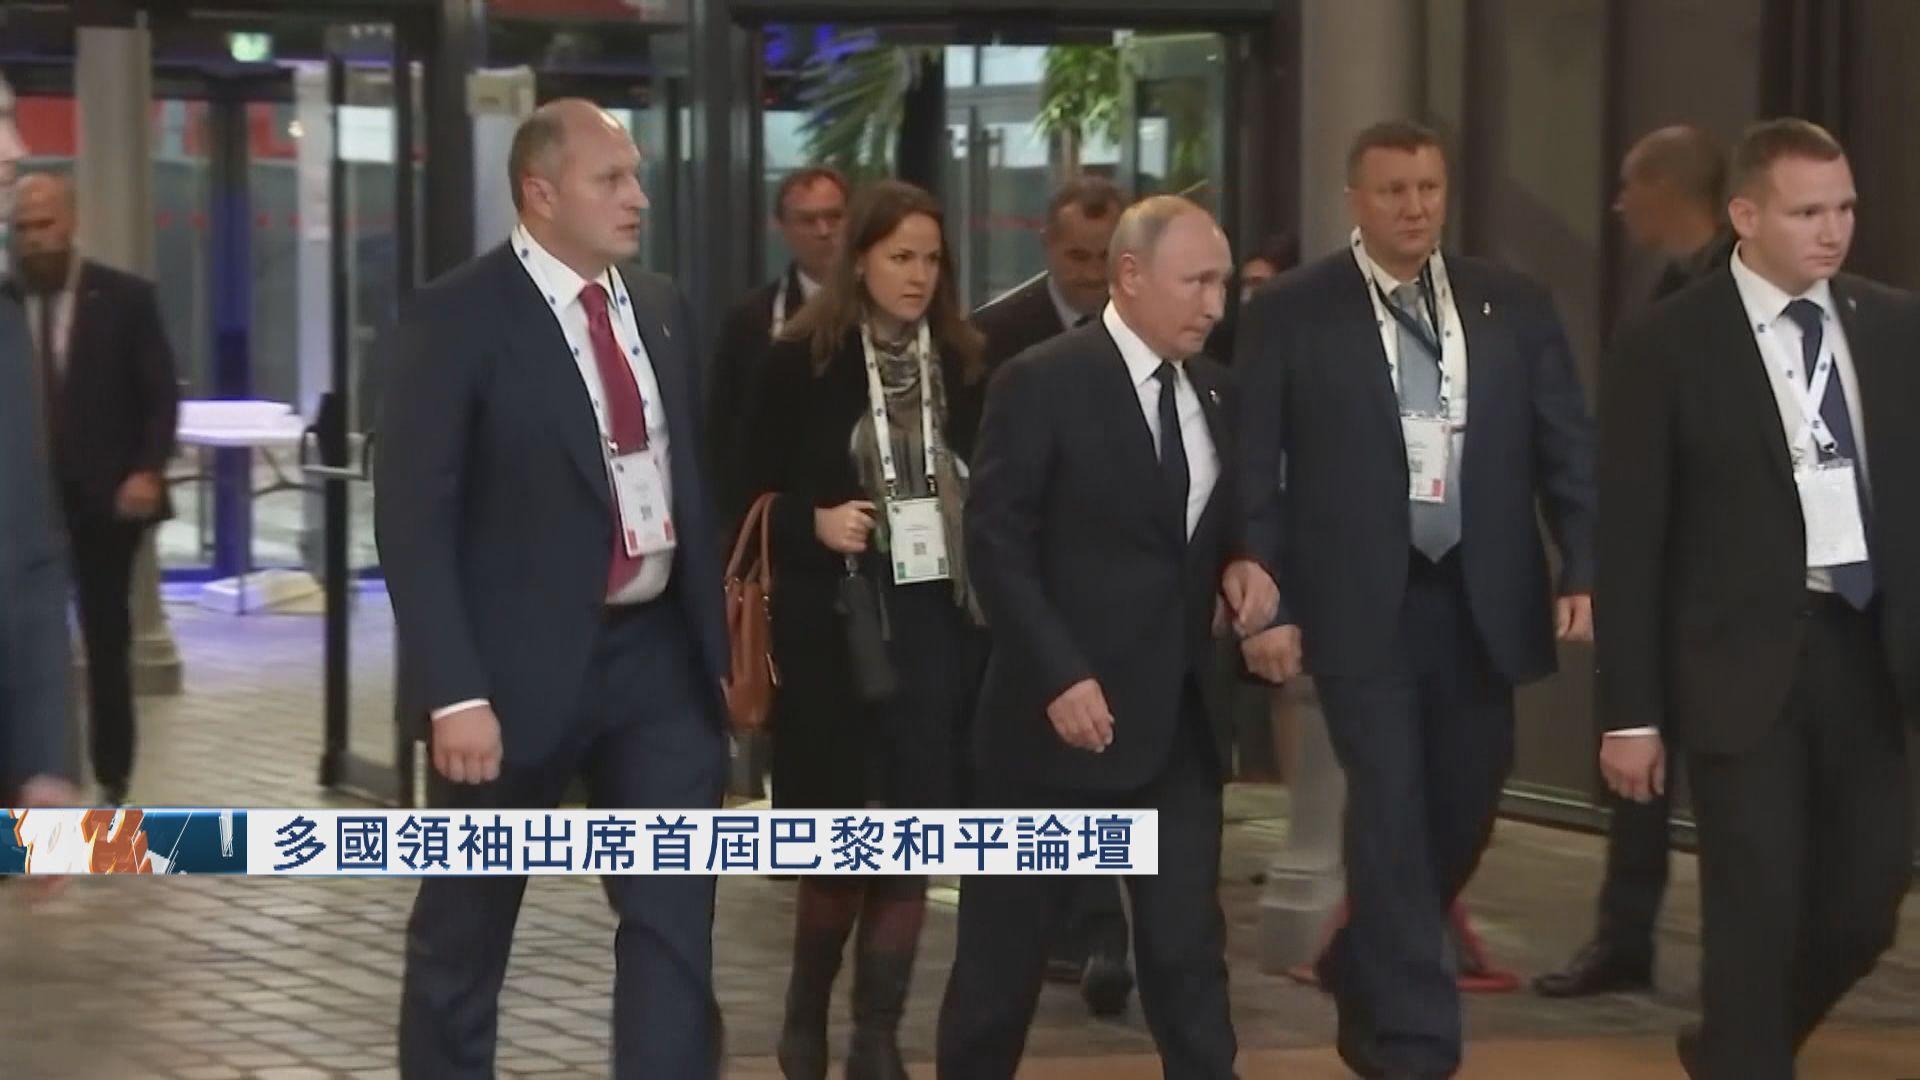 多國領袖出席首屆巴黎和平論壇